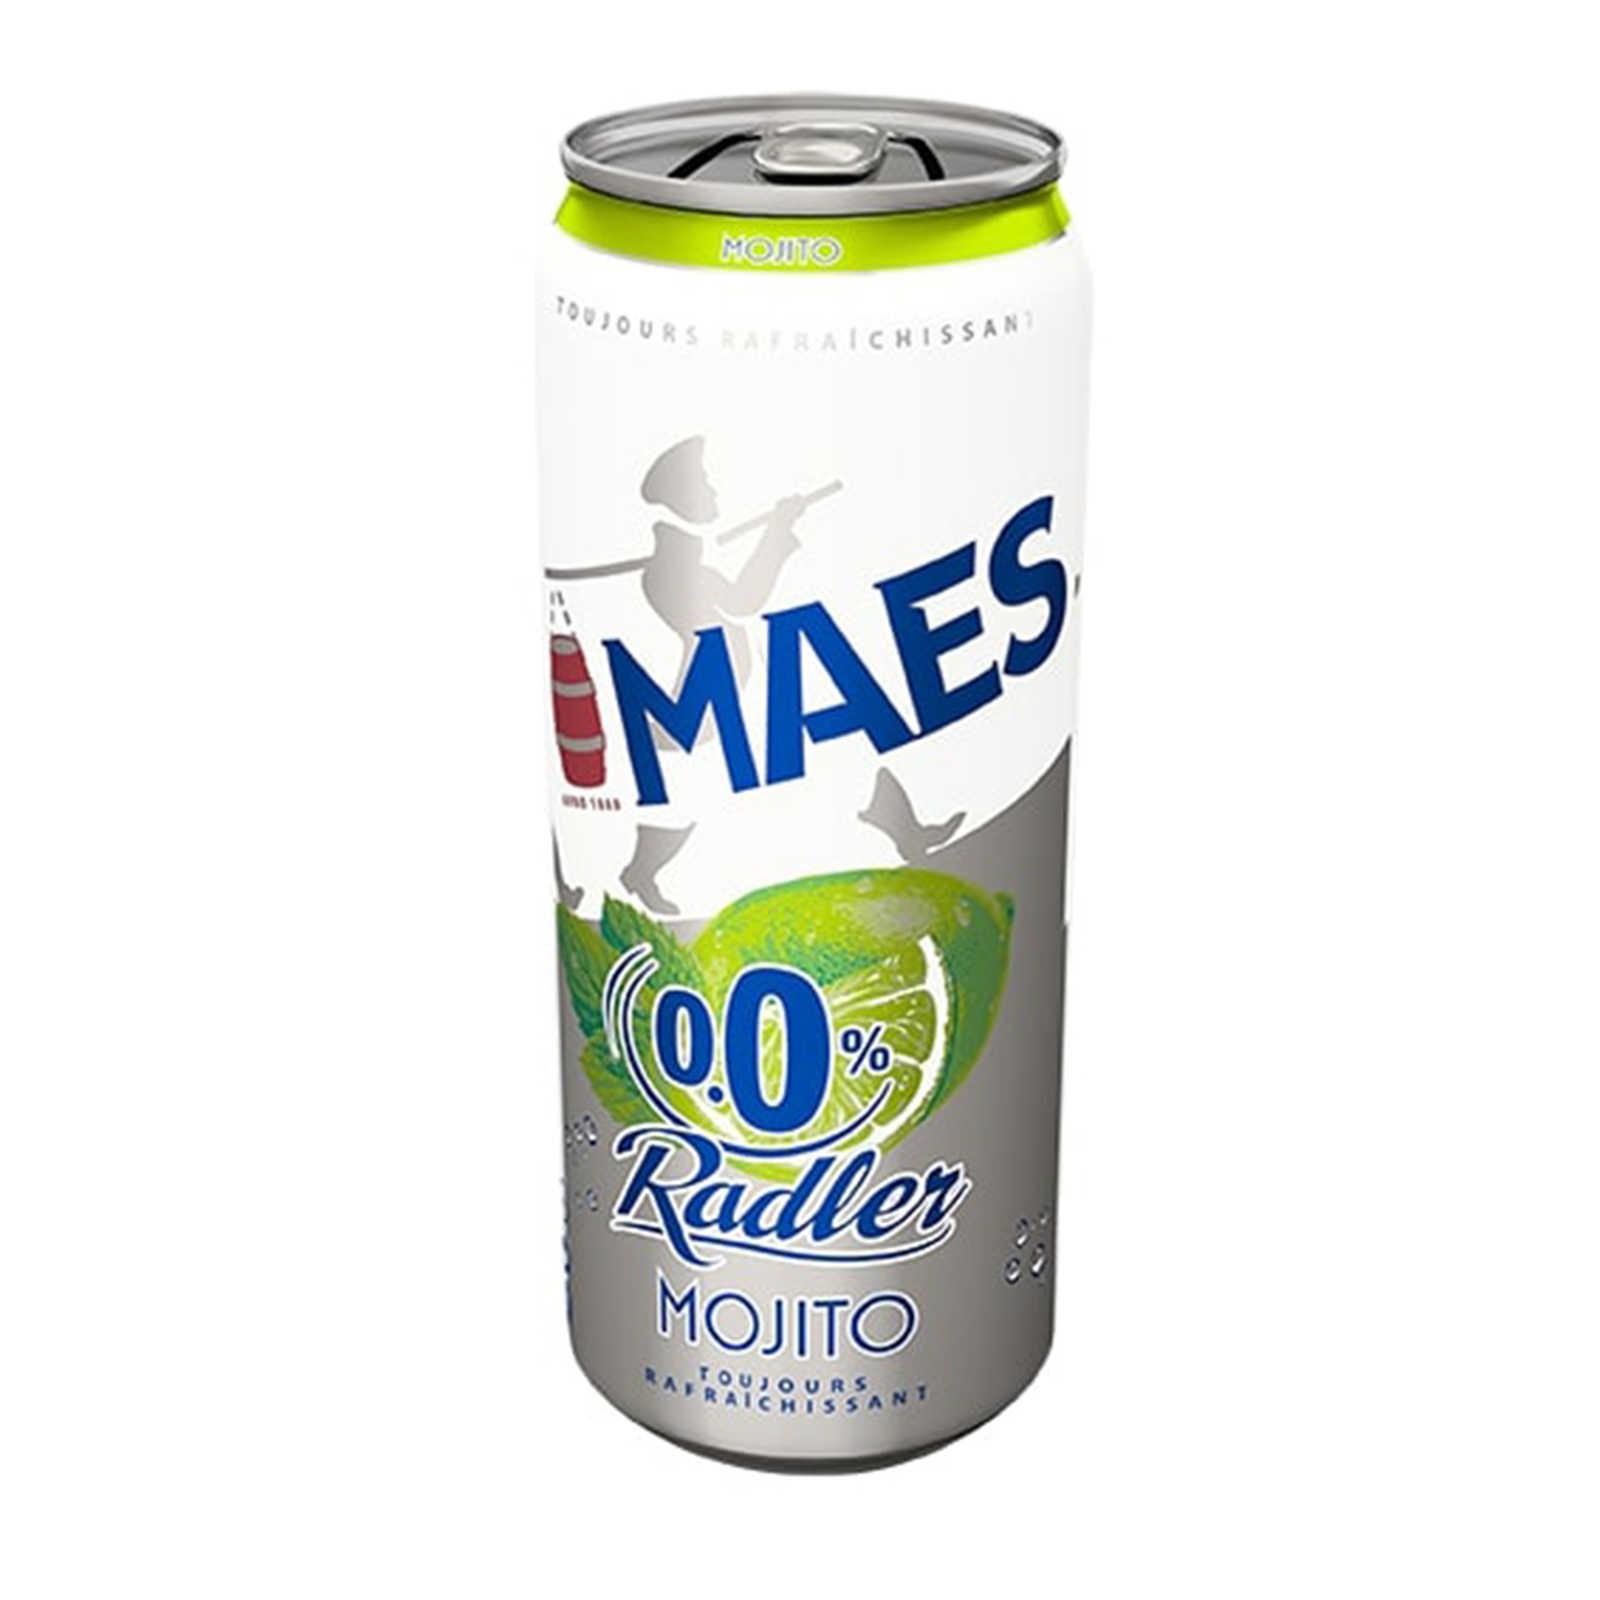 Maes-Radler